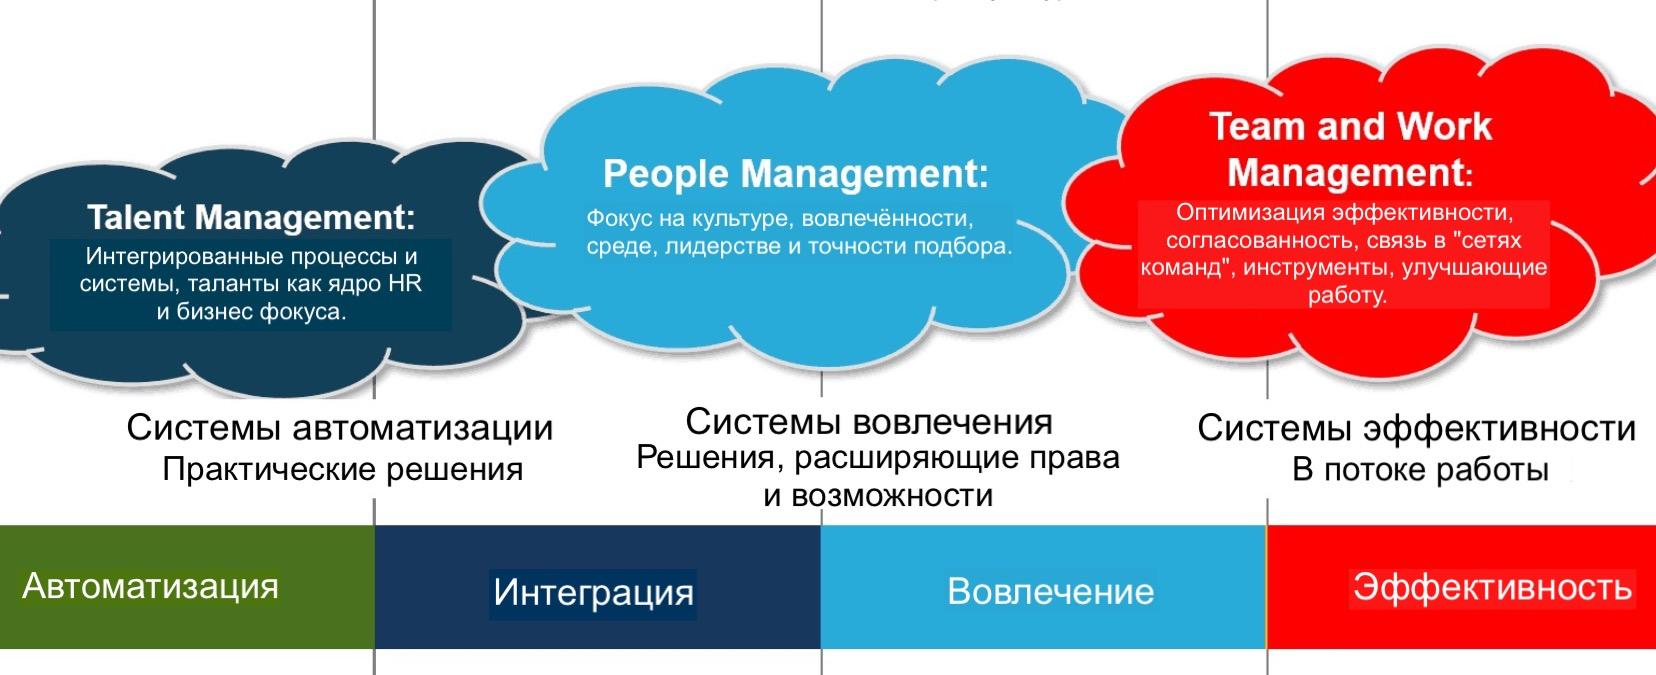 HR в потоке работы